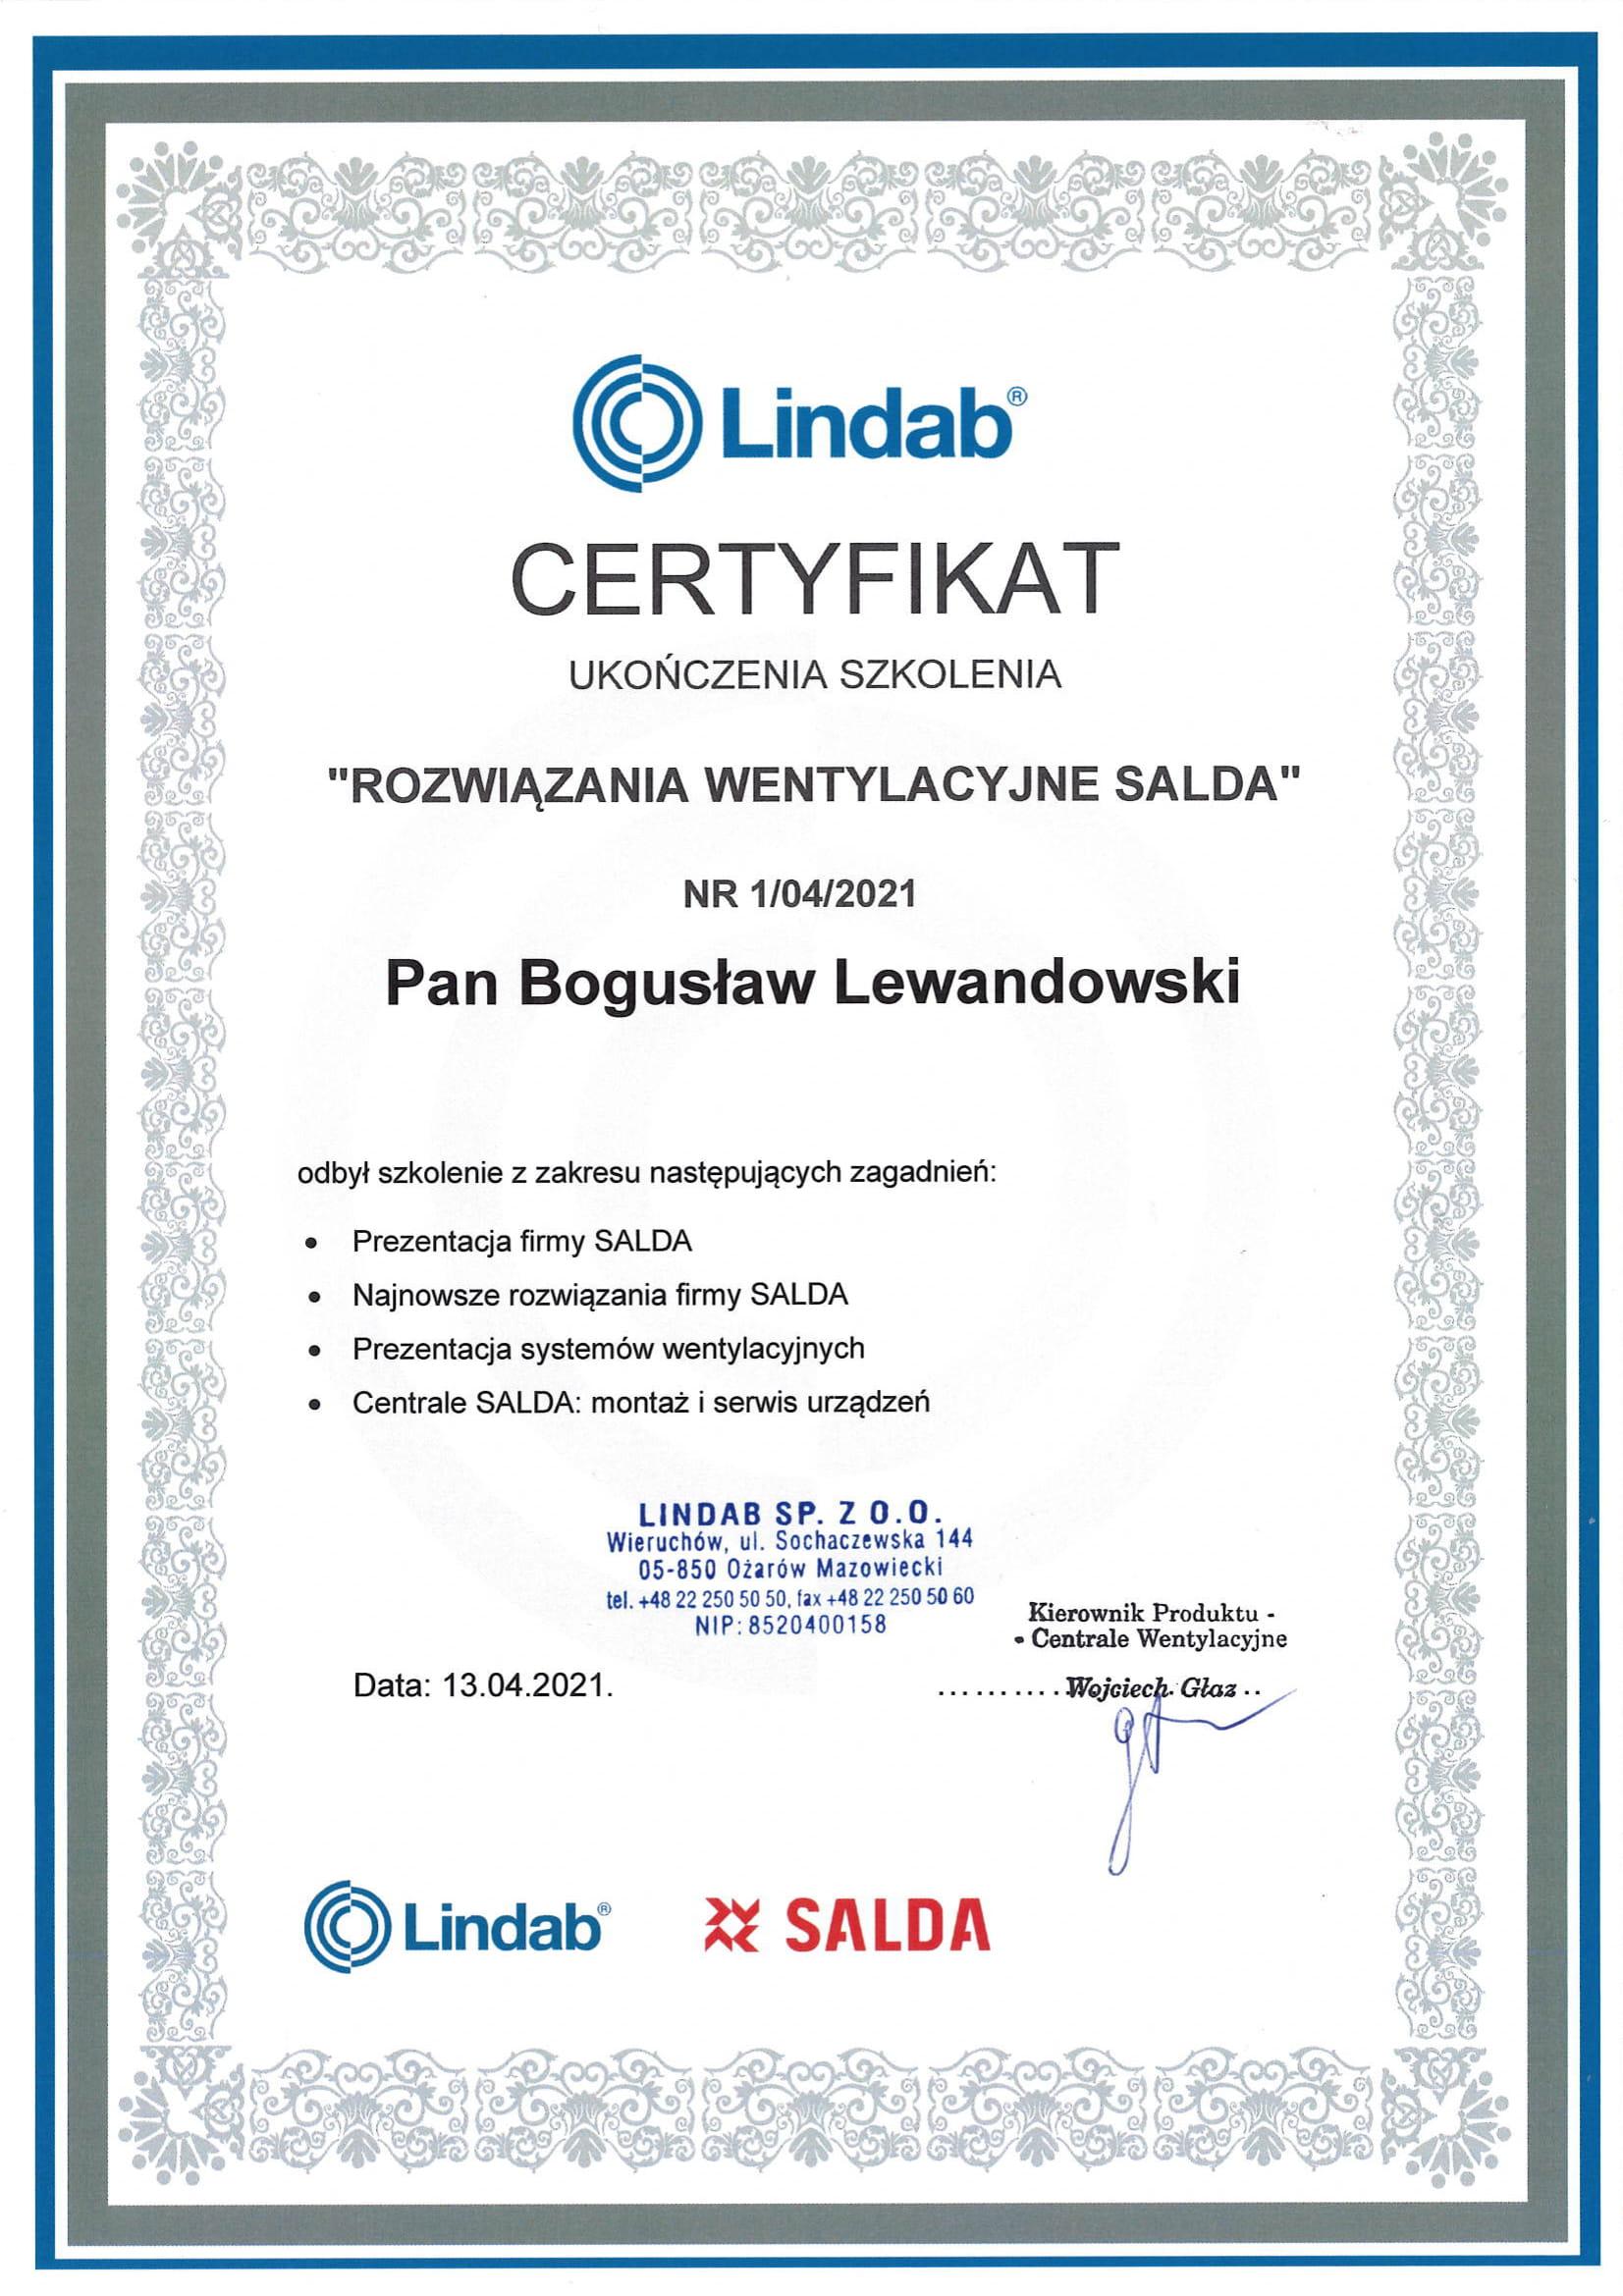 https://www.lodzkiecentrumoze.pl/wp-content/uploads/2021/05/Certyfikaty-Salda_kwiecien_2021-1.jpg